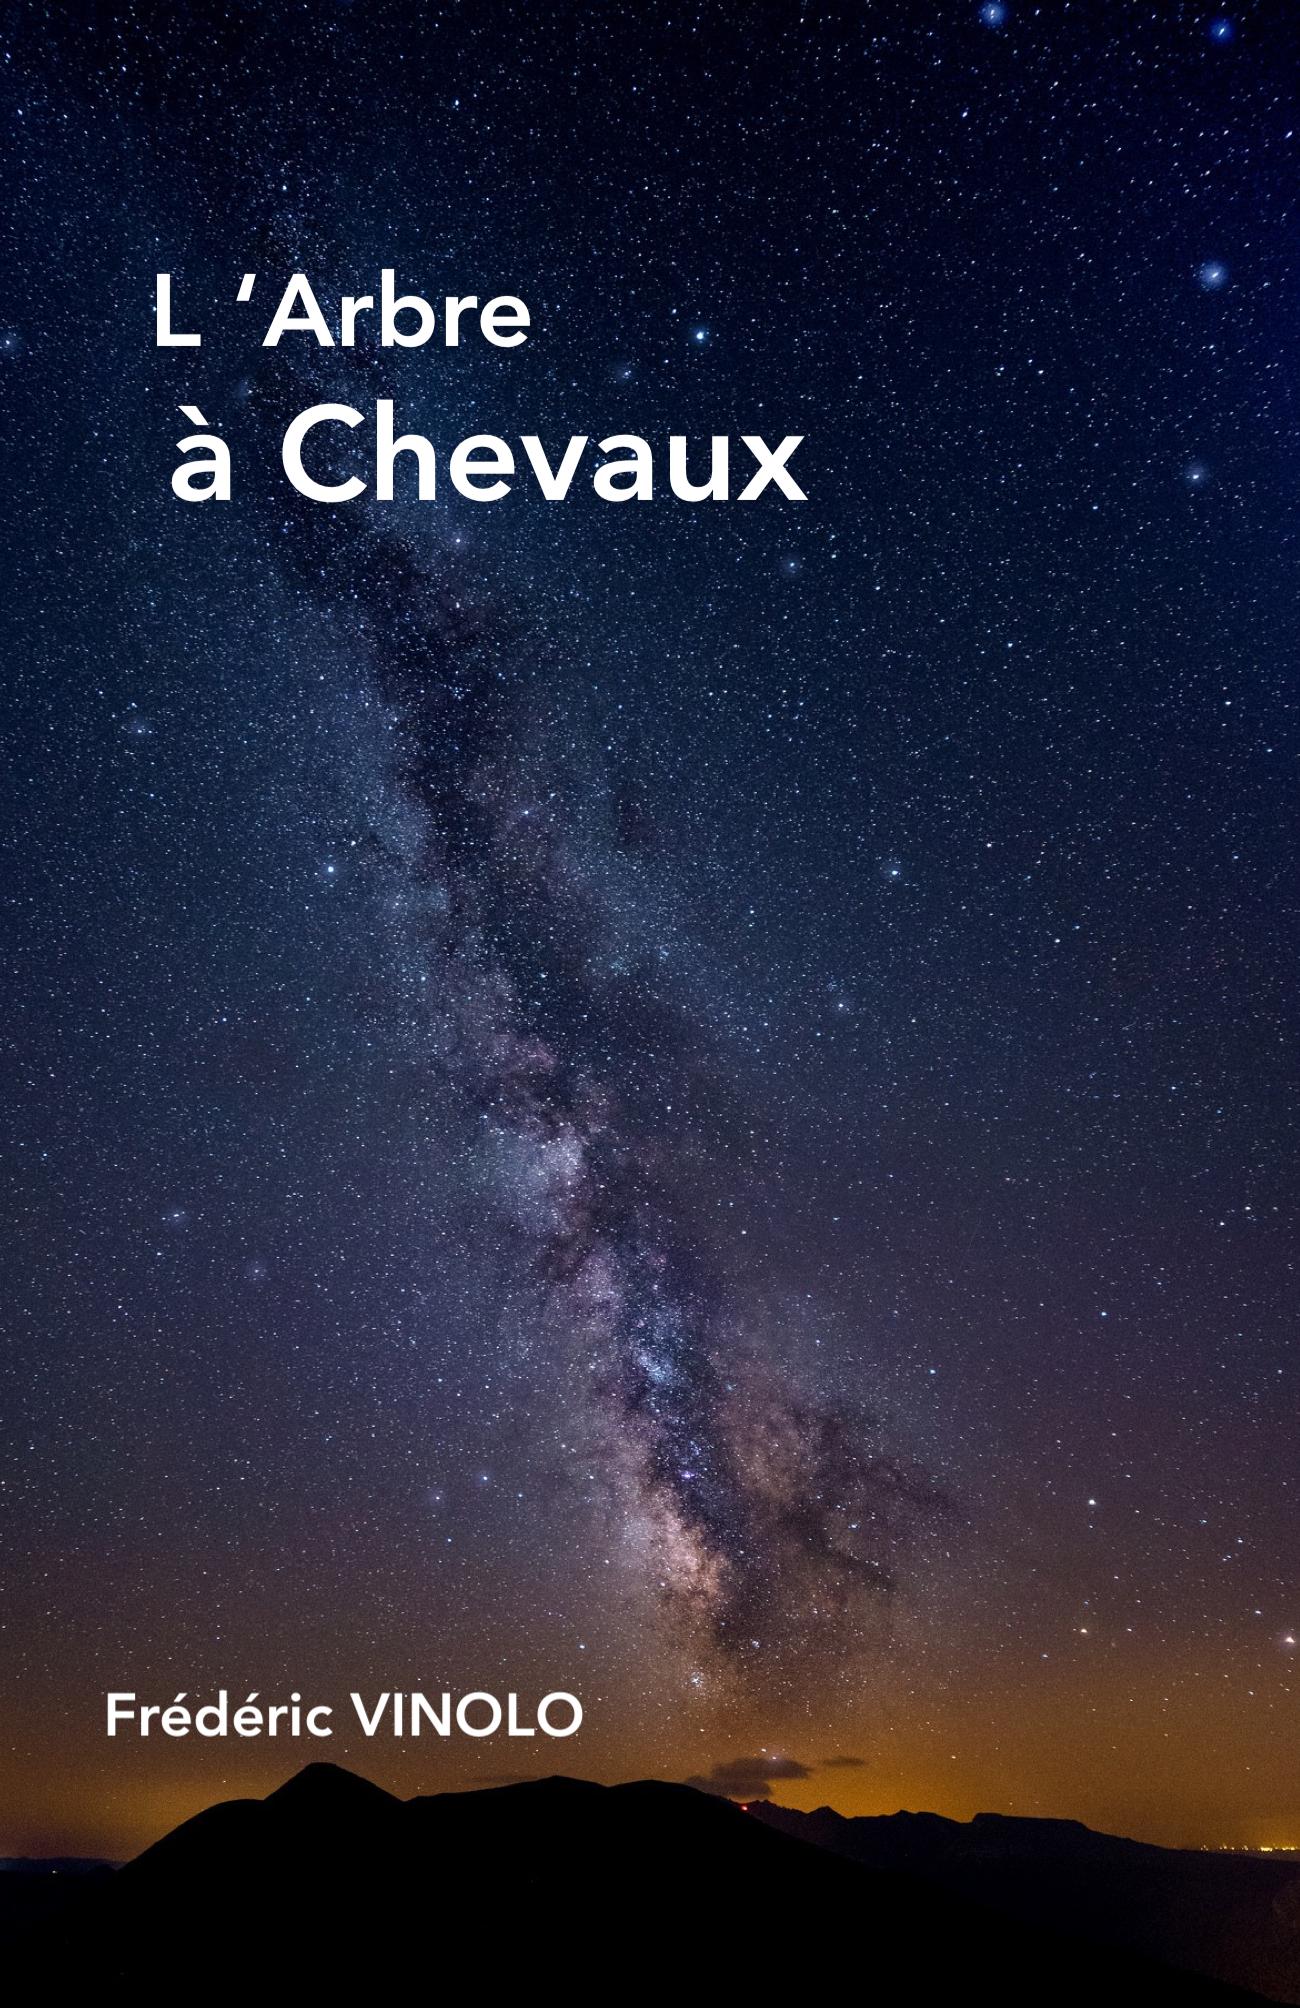 L'Arbre à Chevaux